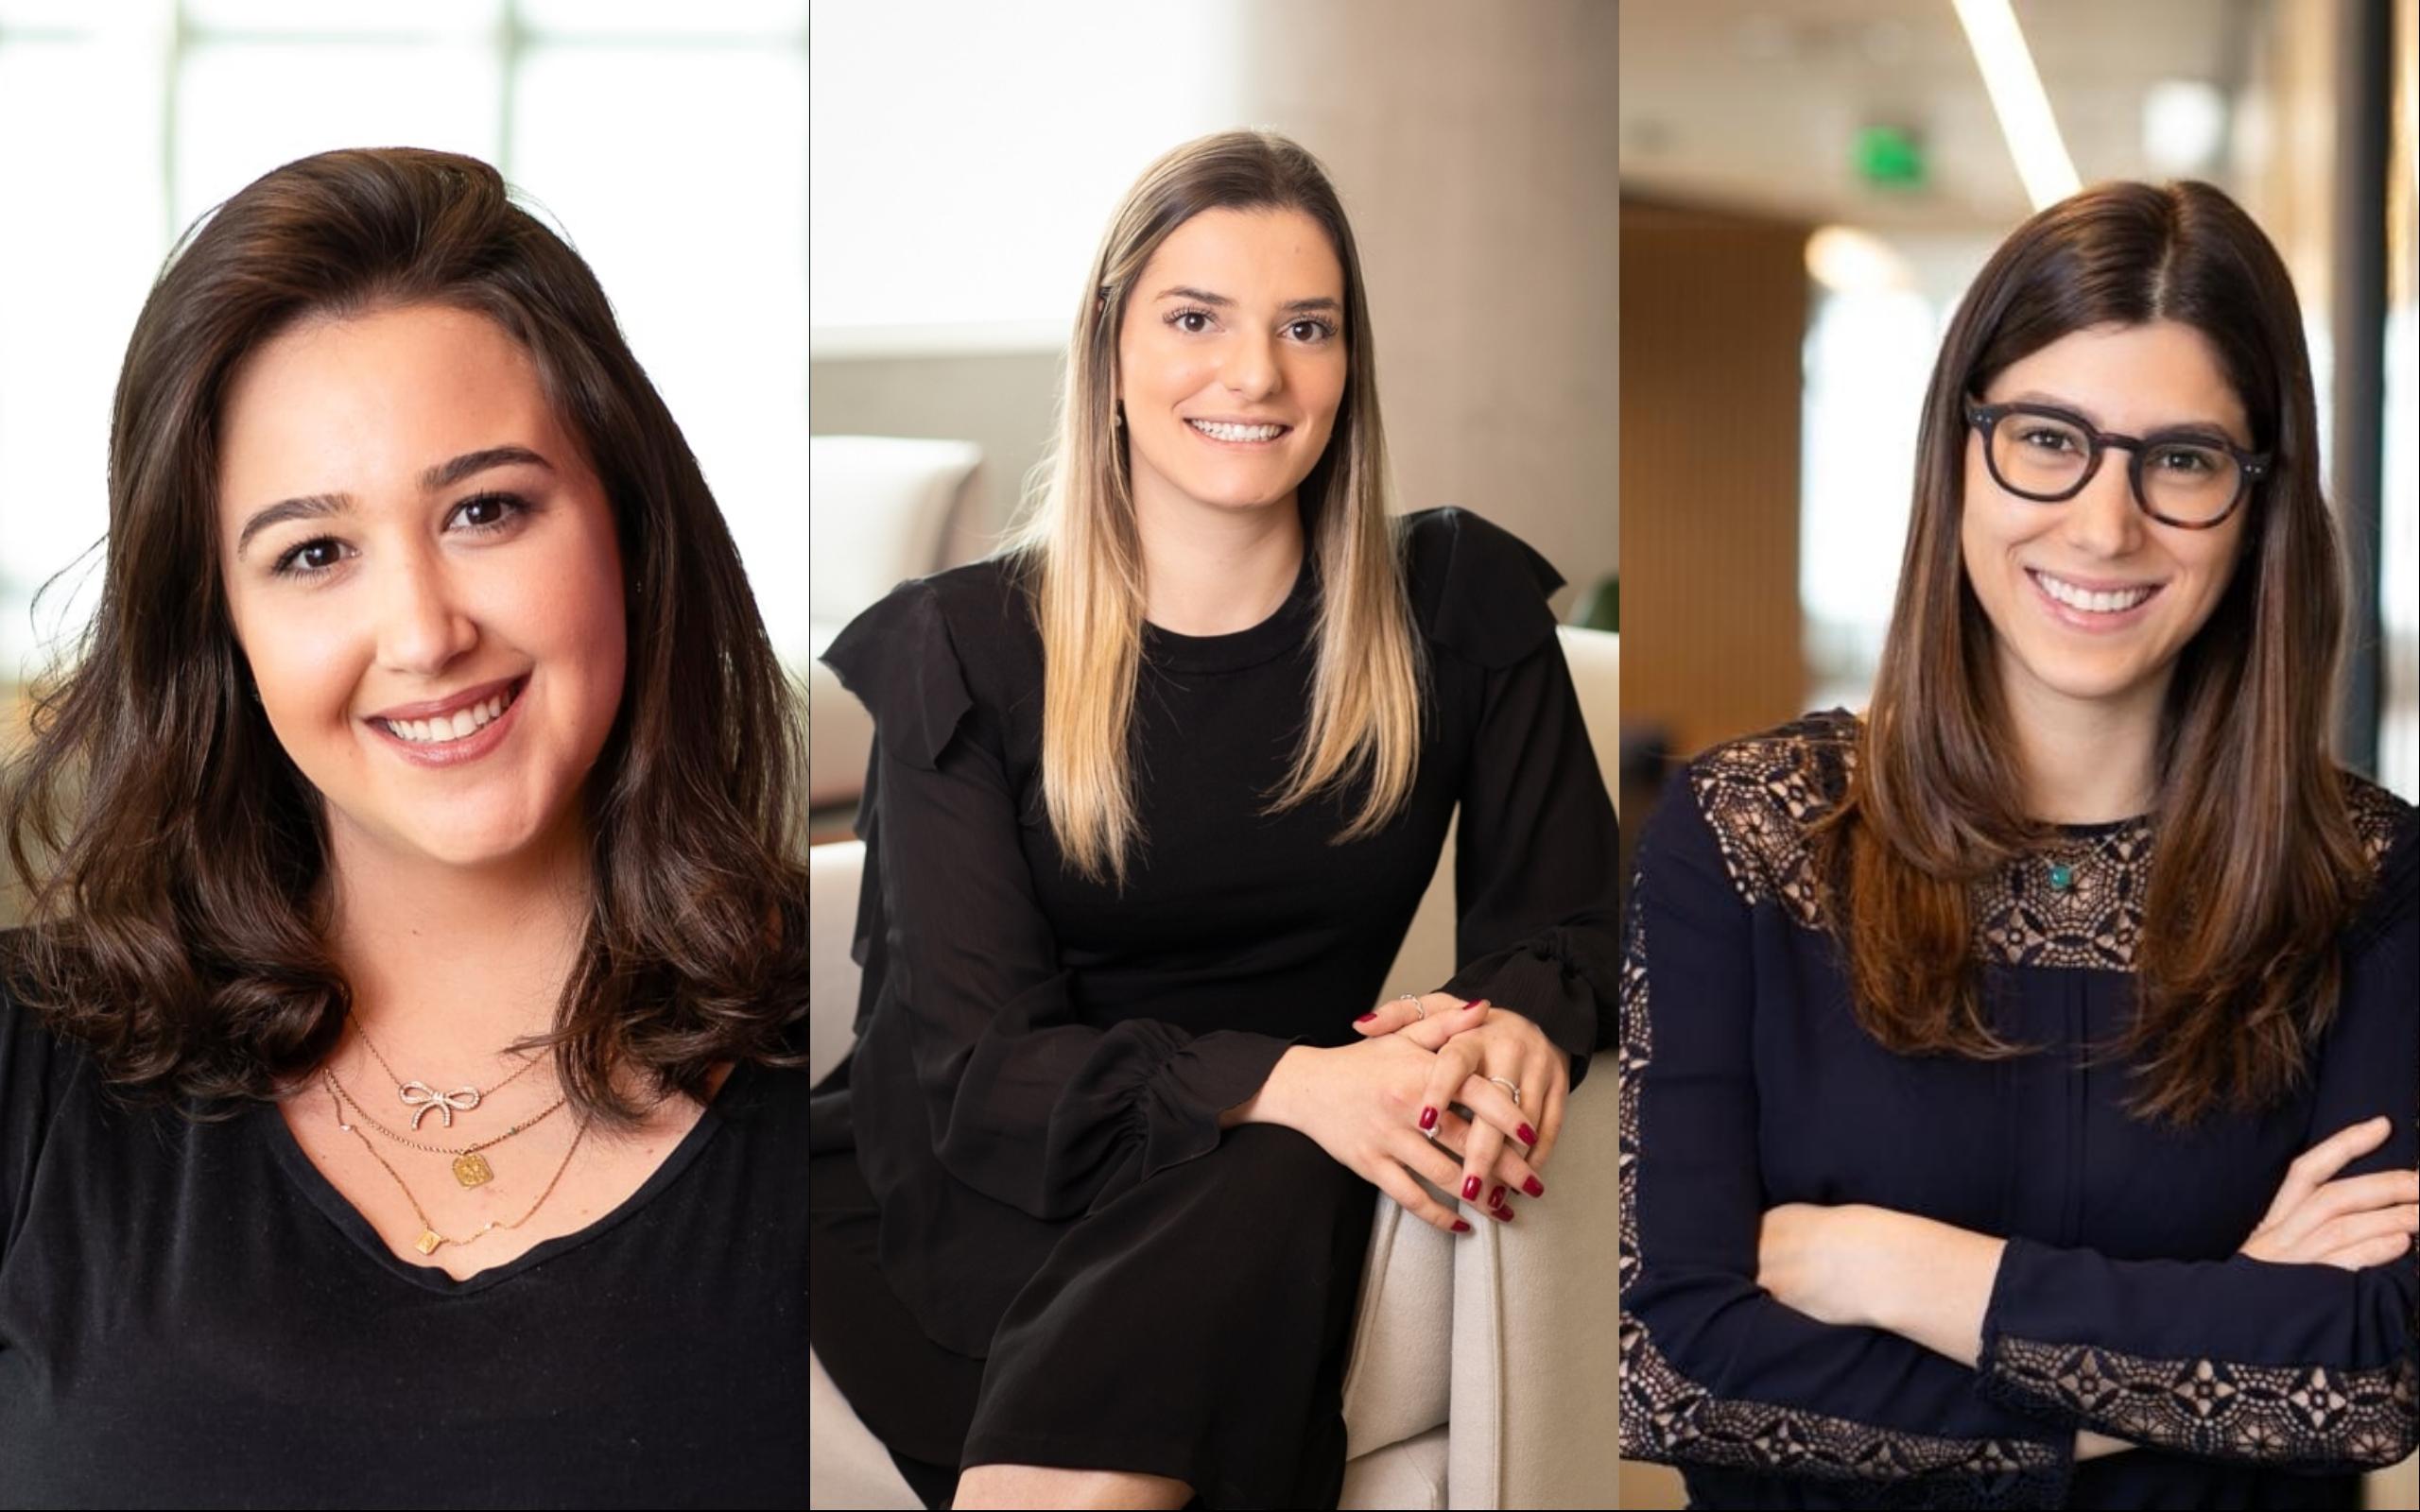 Ana Luisa Monteiro, Marcella Ungaretti e Beatriz Vergueiro trabalham para que mais mulheres assumam posições de liderança na XP Investimentos